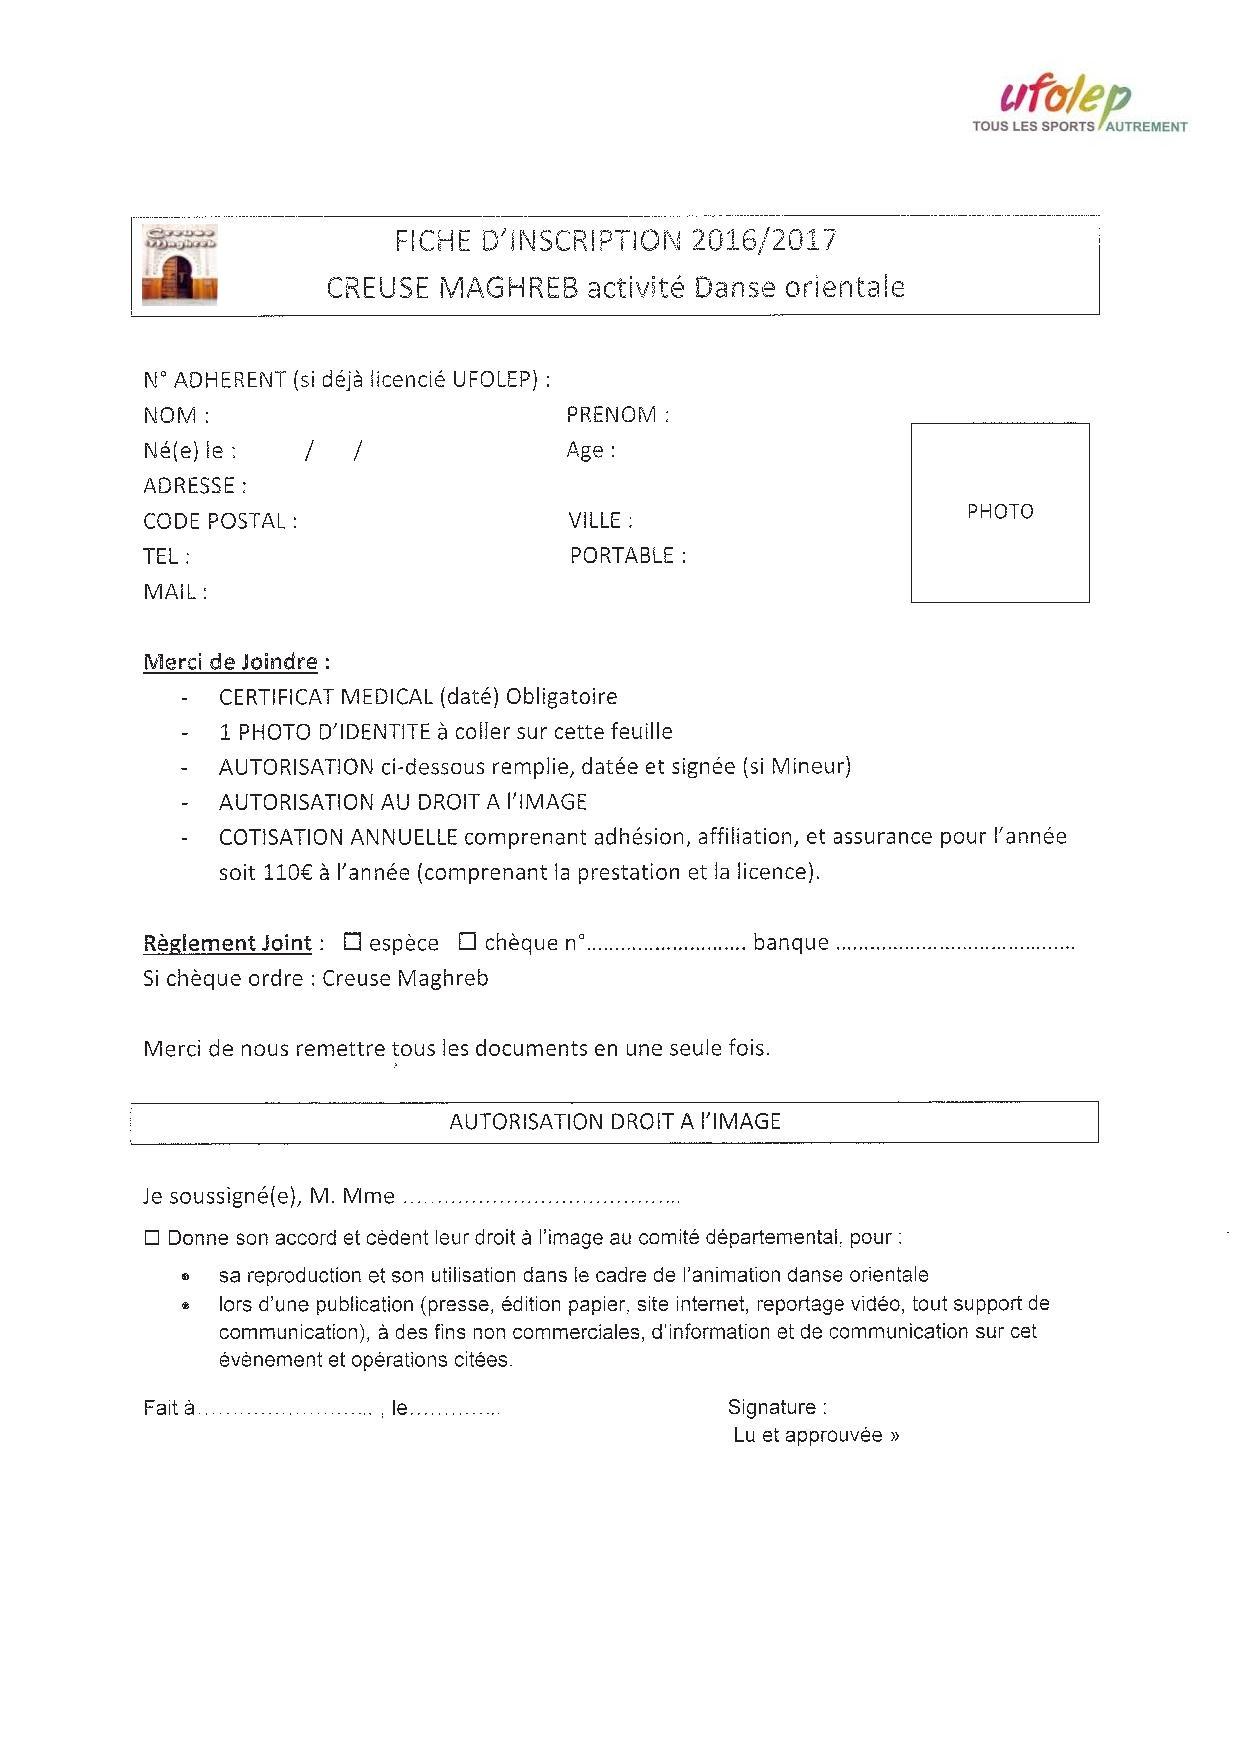 formulairedanseorientale2016-2017.jpg